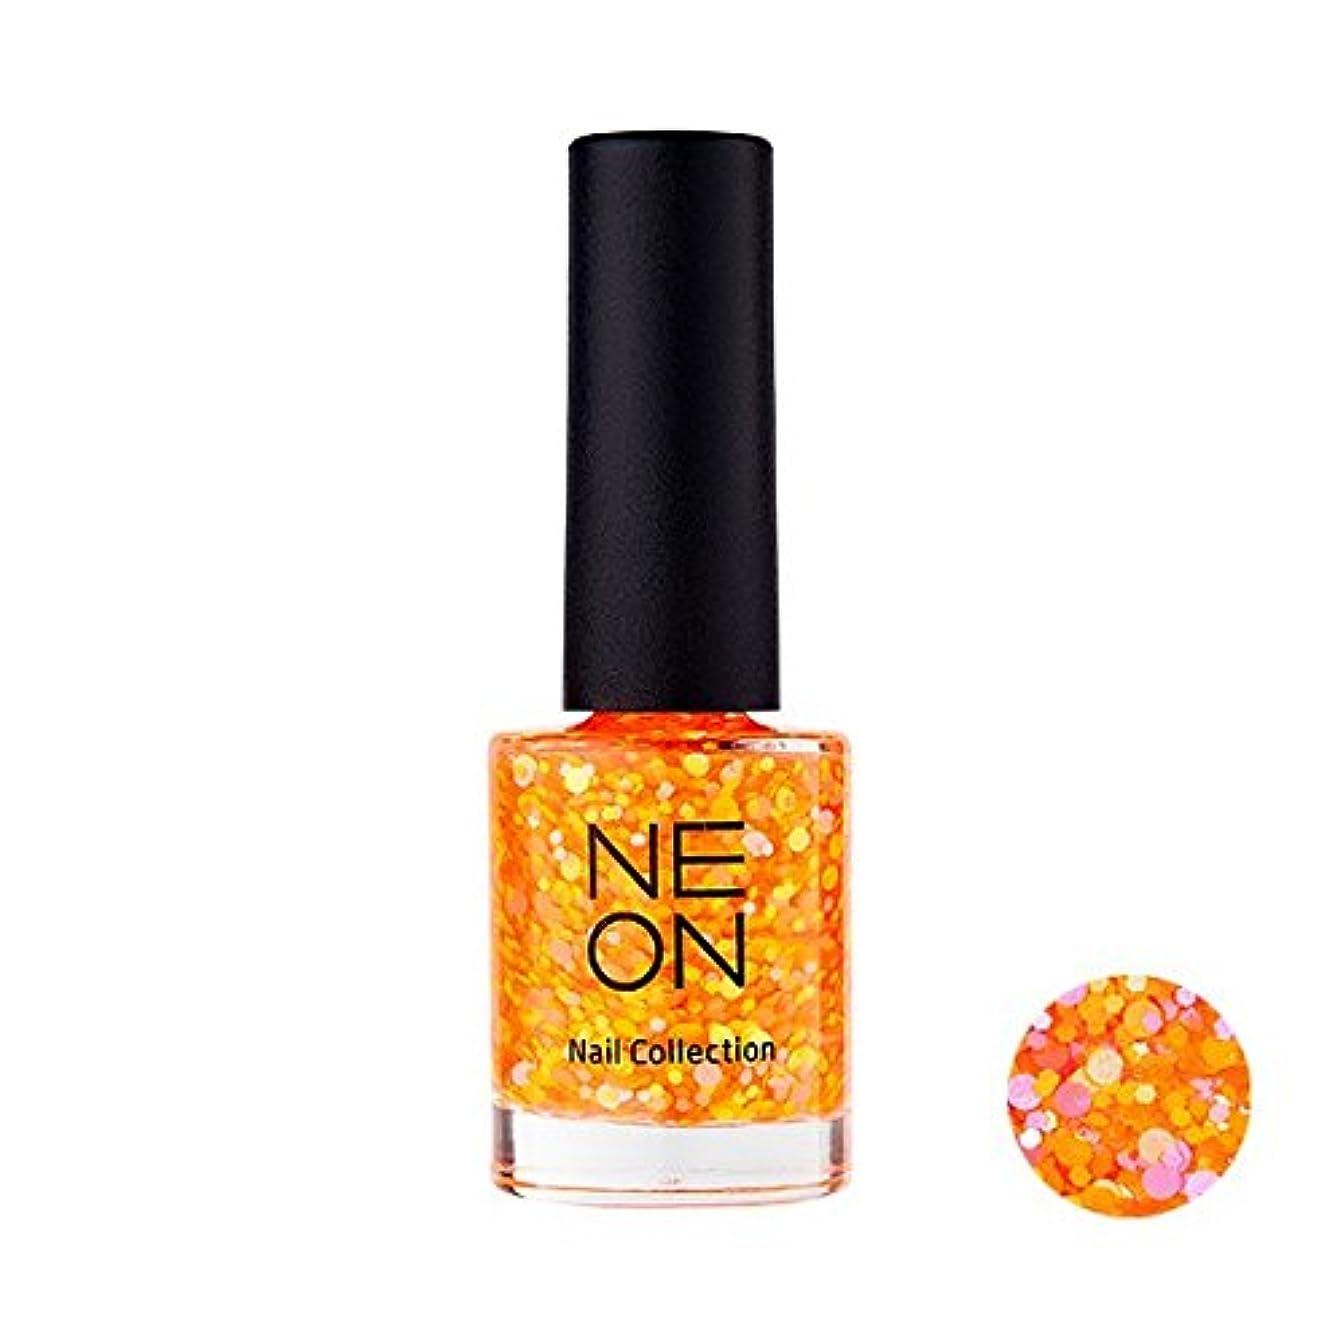 ヤング定説すばらしいですIt'S SKIN Neon nail collection [03 Neon Glitter Orange] イッツスキン ネオンネイルコレクション [03 ネオン グリッター オレンジ] [並行輸入品]